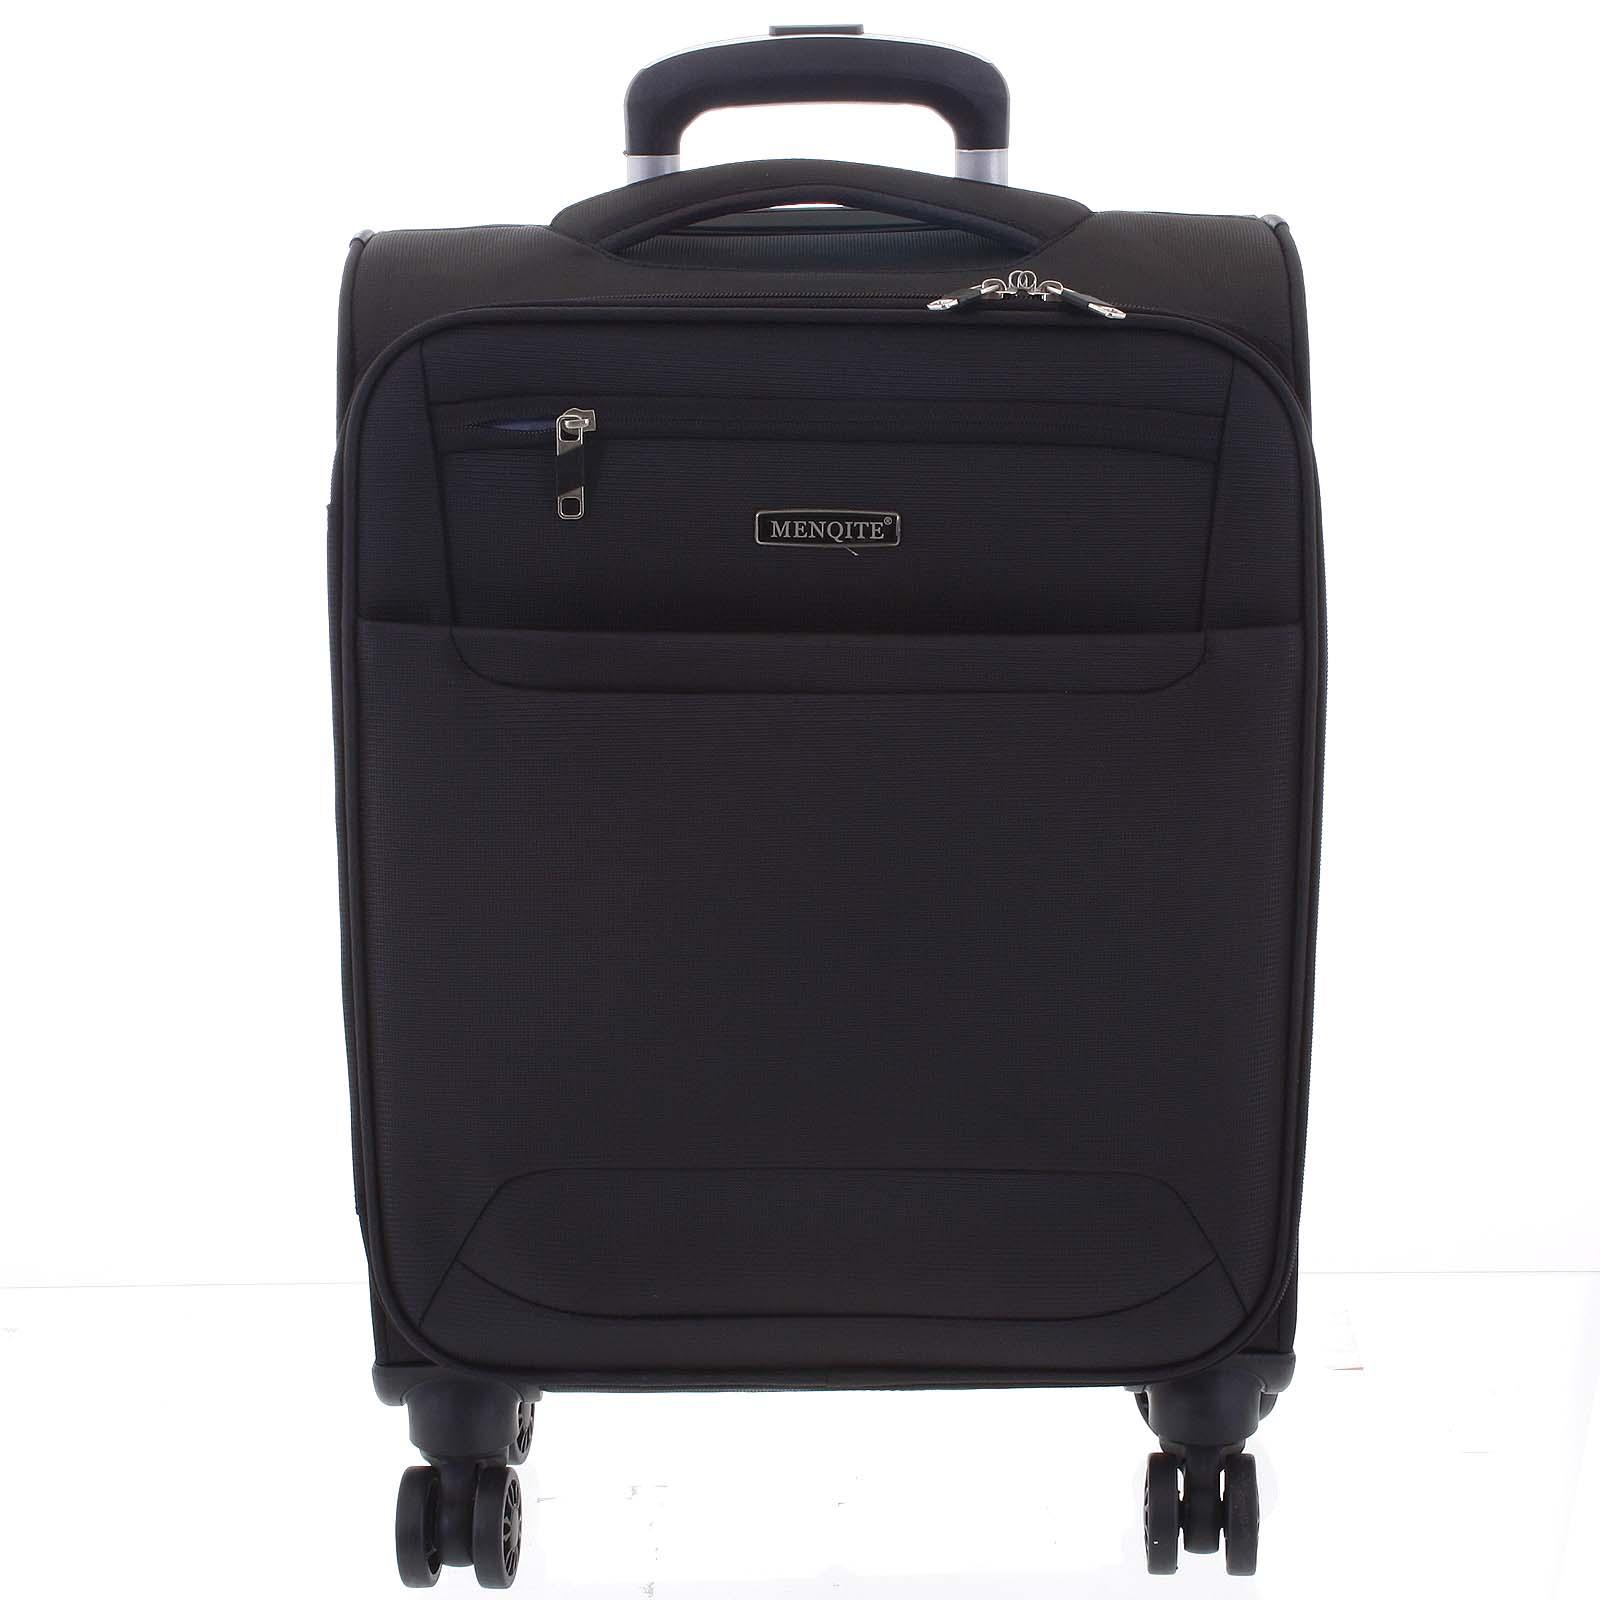 Nadčasový lehký látkový cestovní kufr černý - Menqite Timeless S